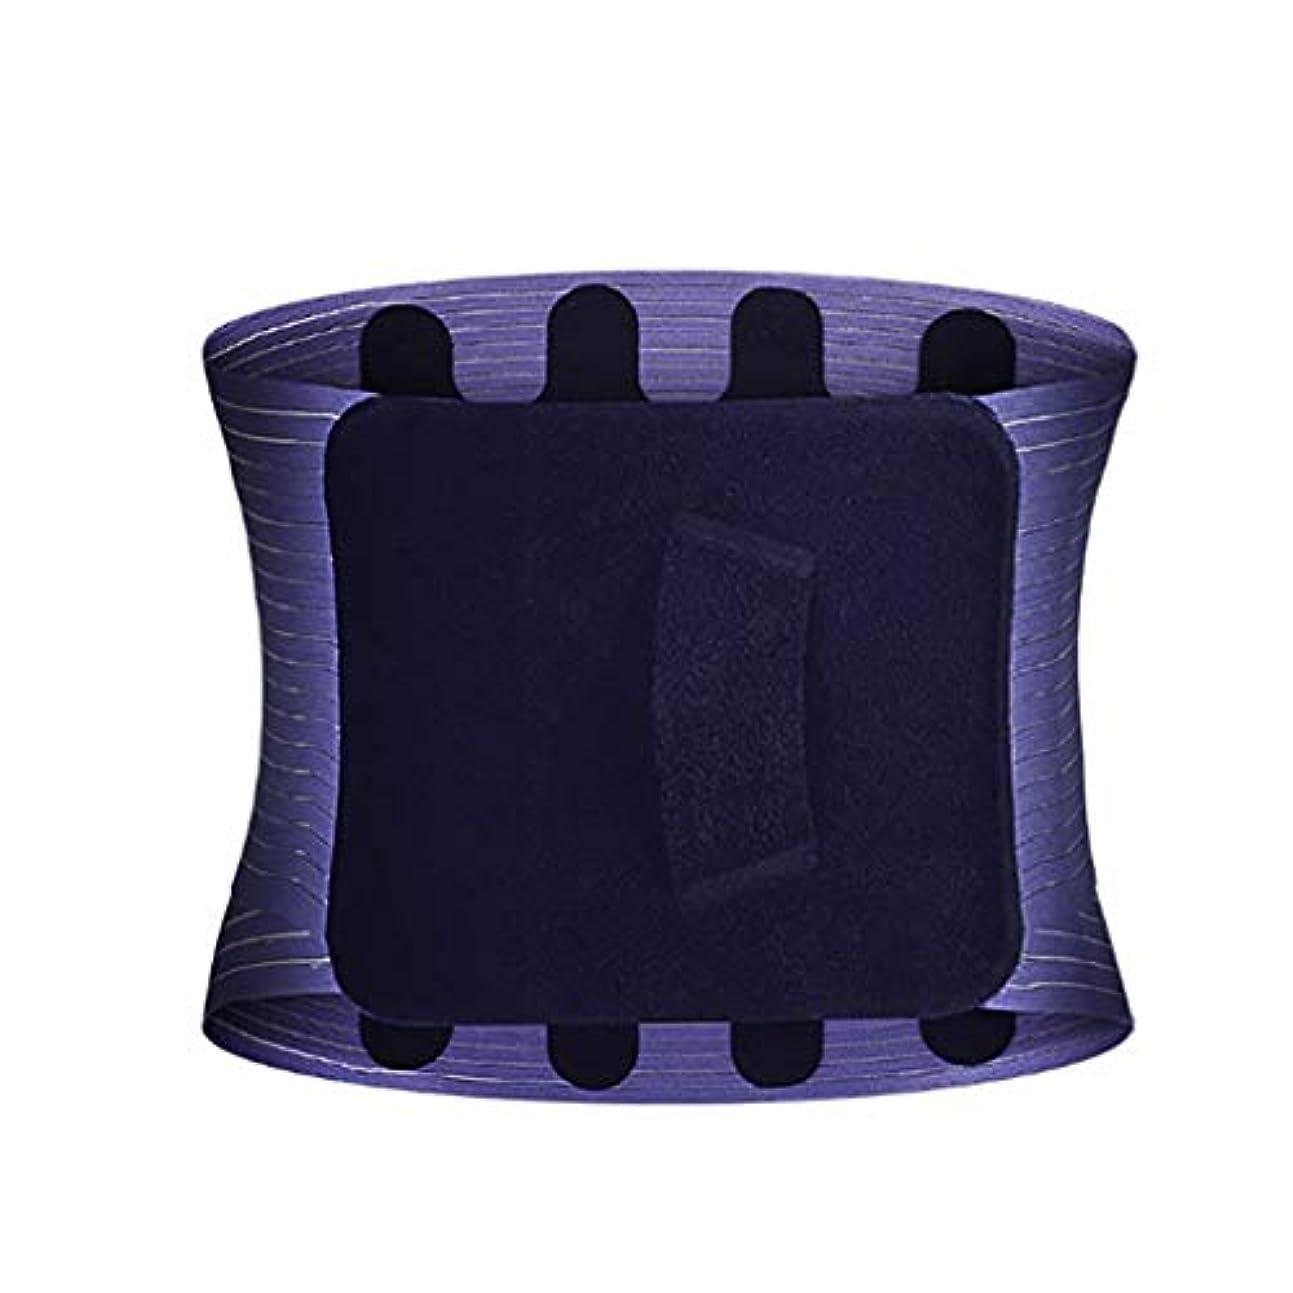 土収容するおっとウエスト補正ベルト、バック/ウエスト暖かさ、ウエストサポートベルト、通気性ベルト、メンズと女性のフィットネスベルト、ワーキング/スポーツ/フィットネスに適した、痛みを緩和、防止けが (Color : 黒, Size : L)